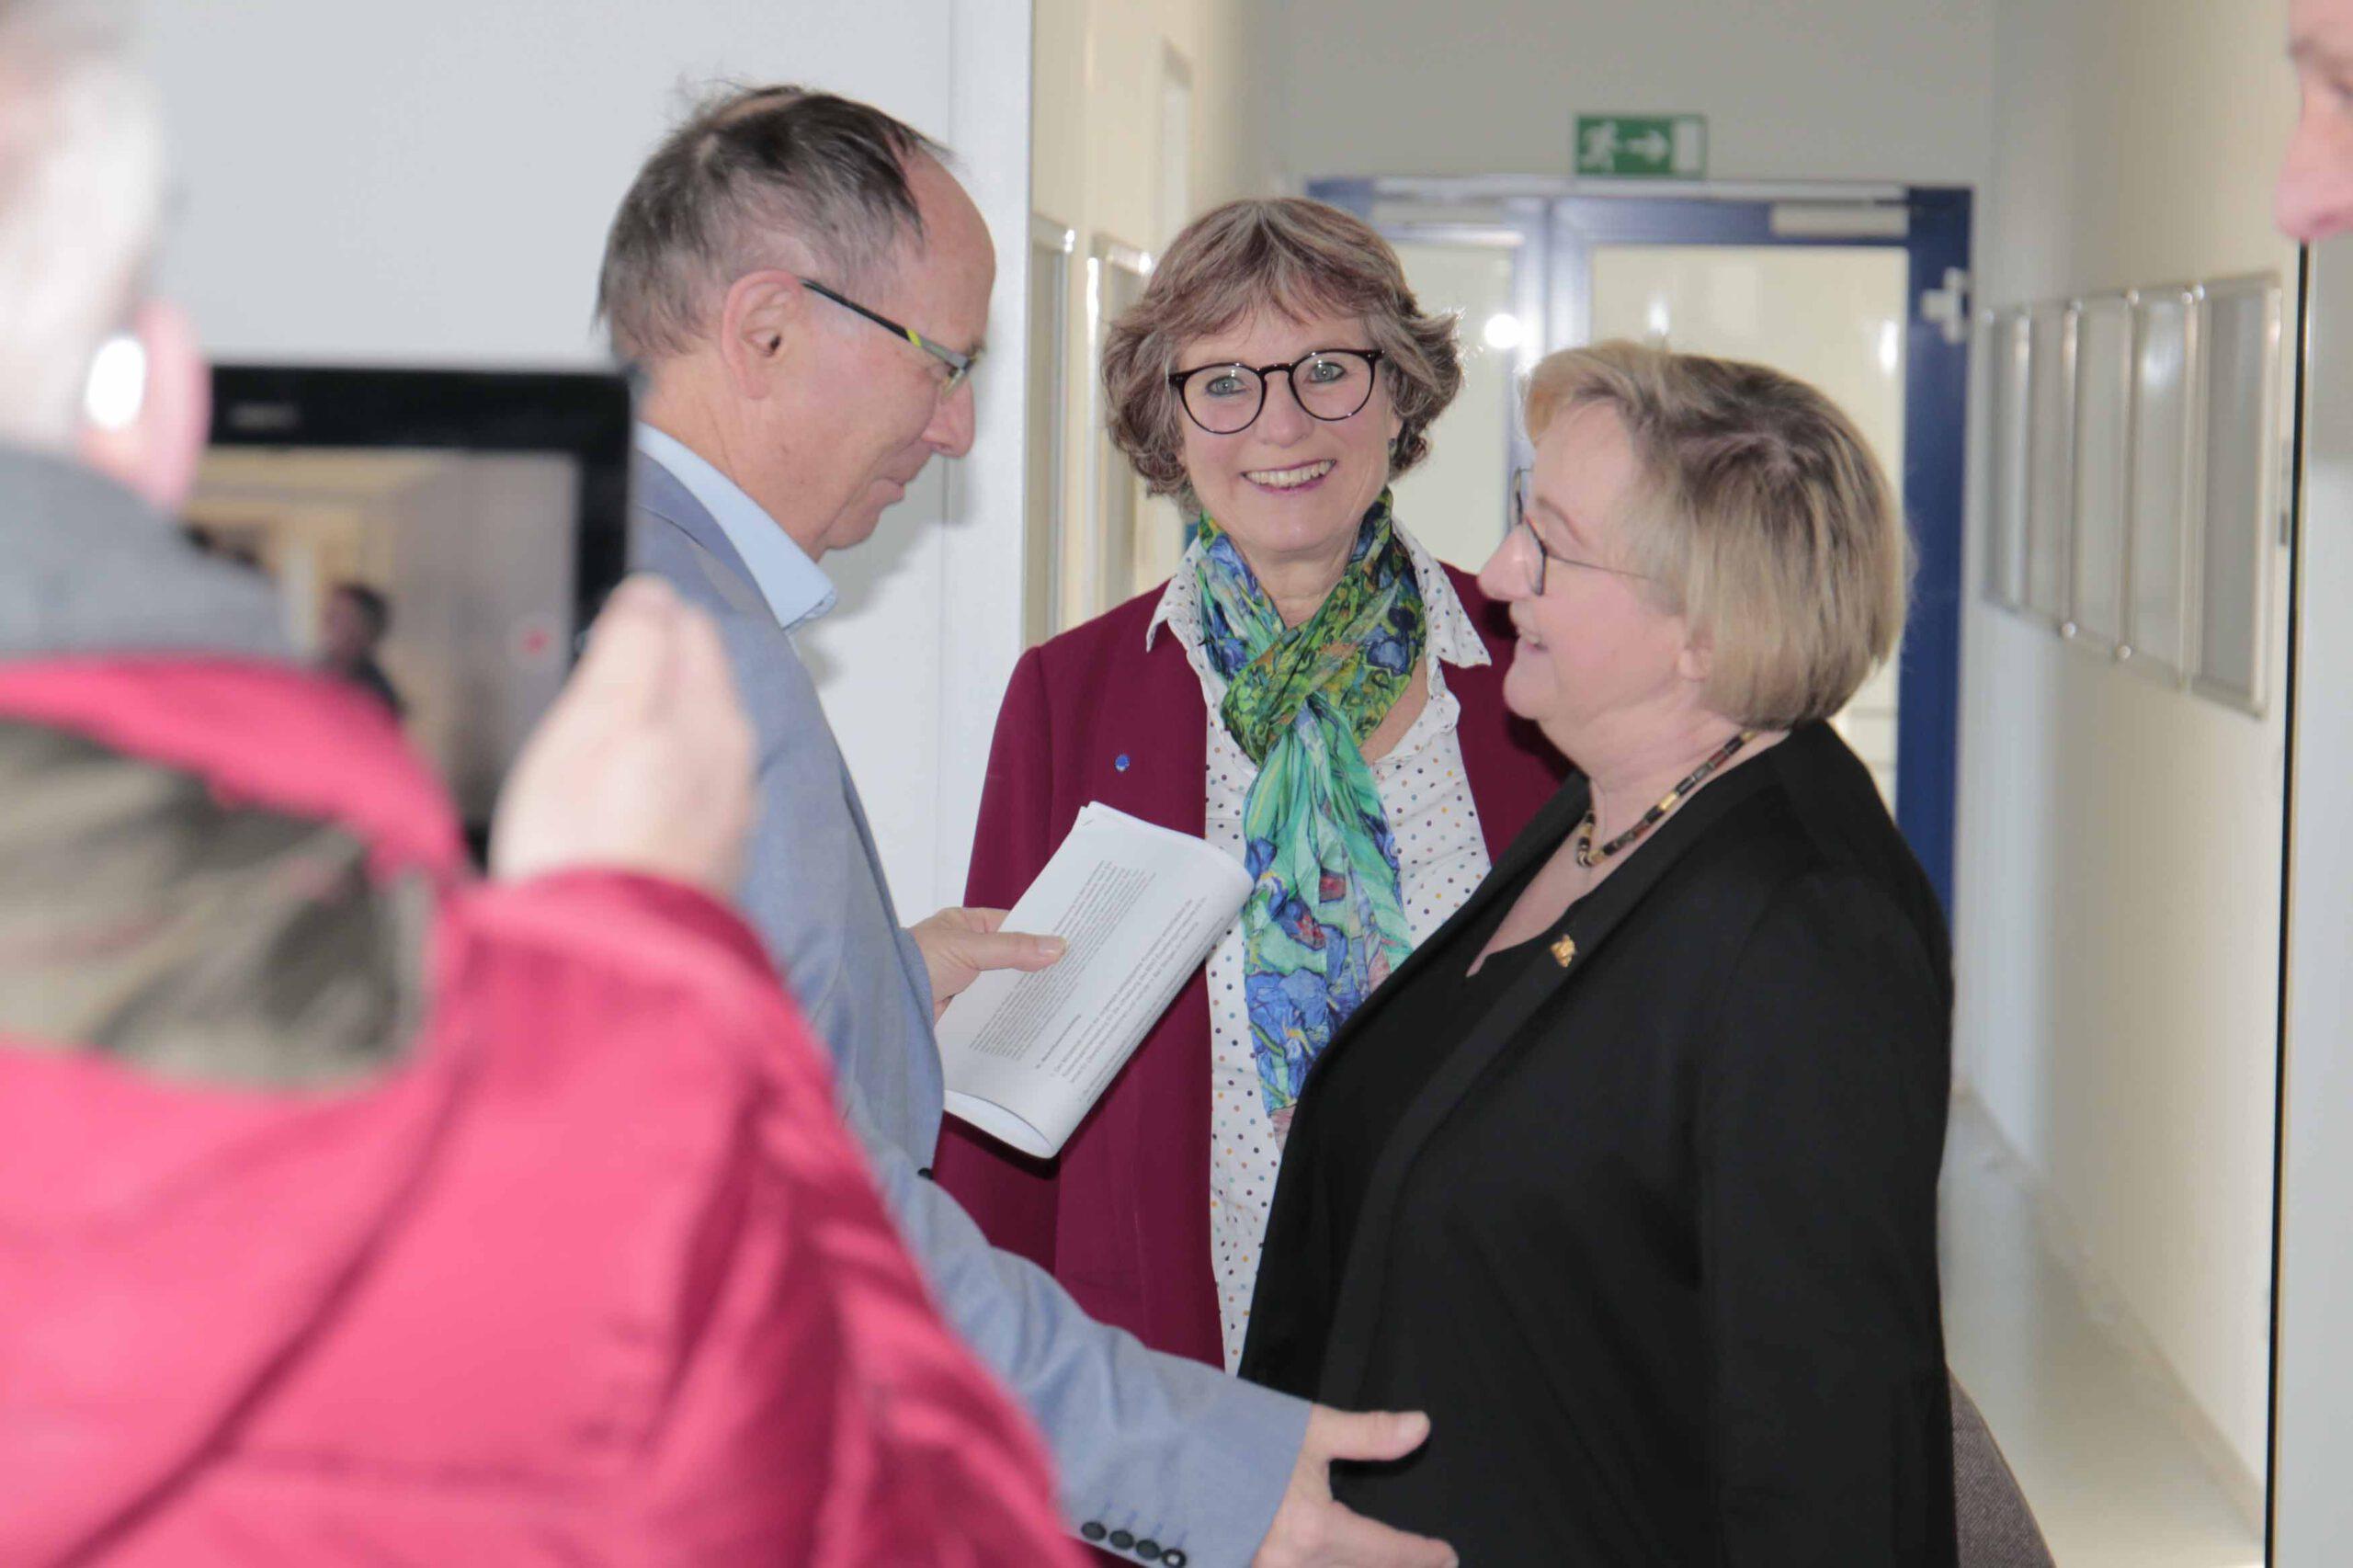 Wissenschaftsministerin Theresia Bauer besucht den Landkreis Sigmaringen